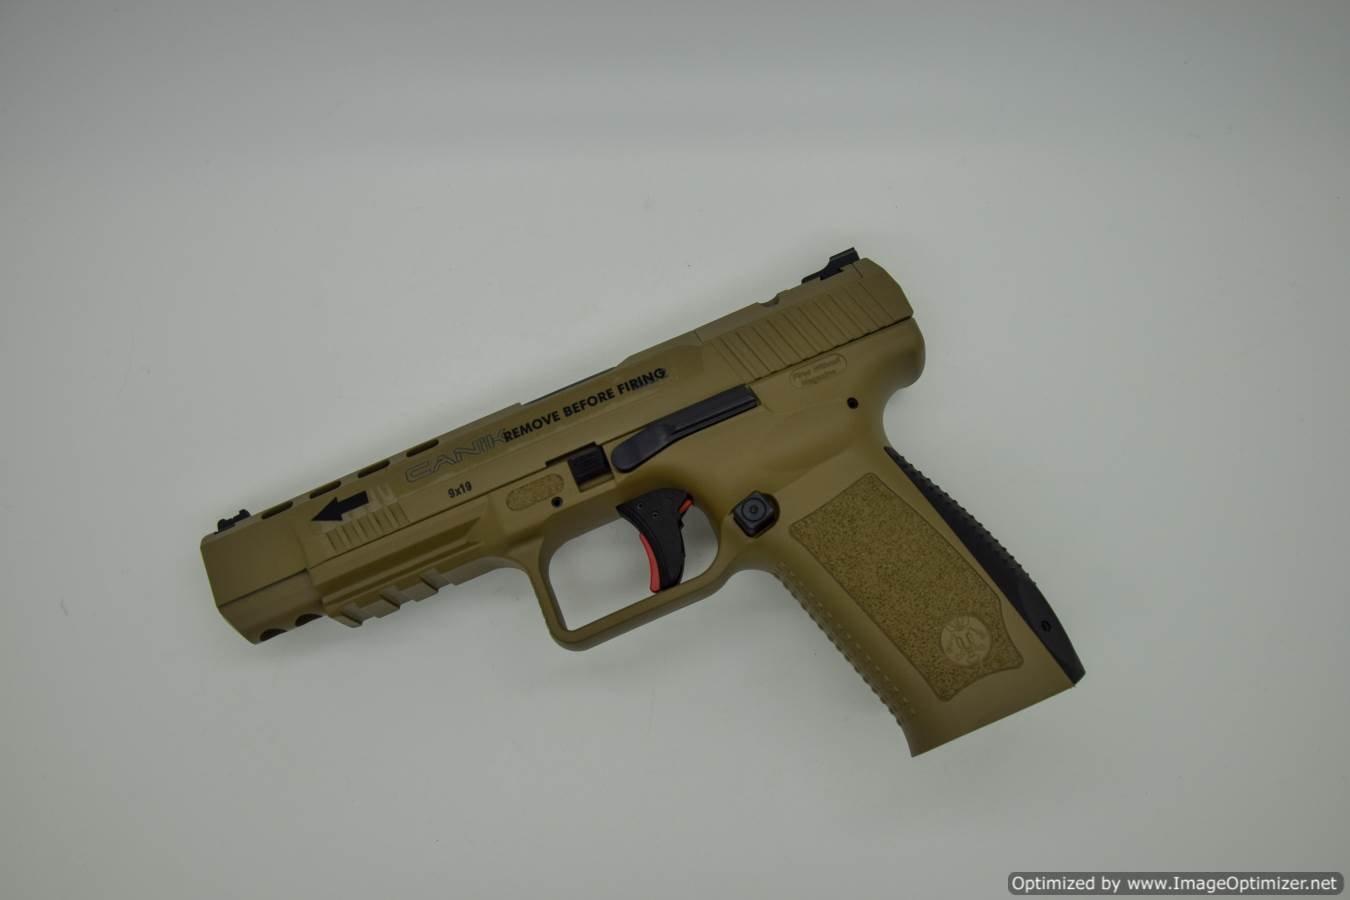 Canik TP9 SFX Mod.2, Desert Tan, 9mm